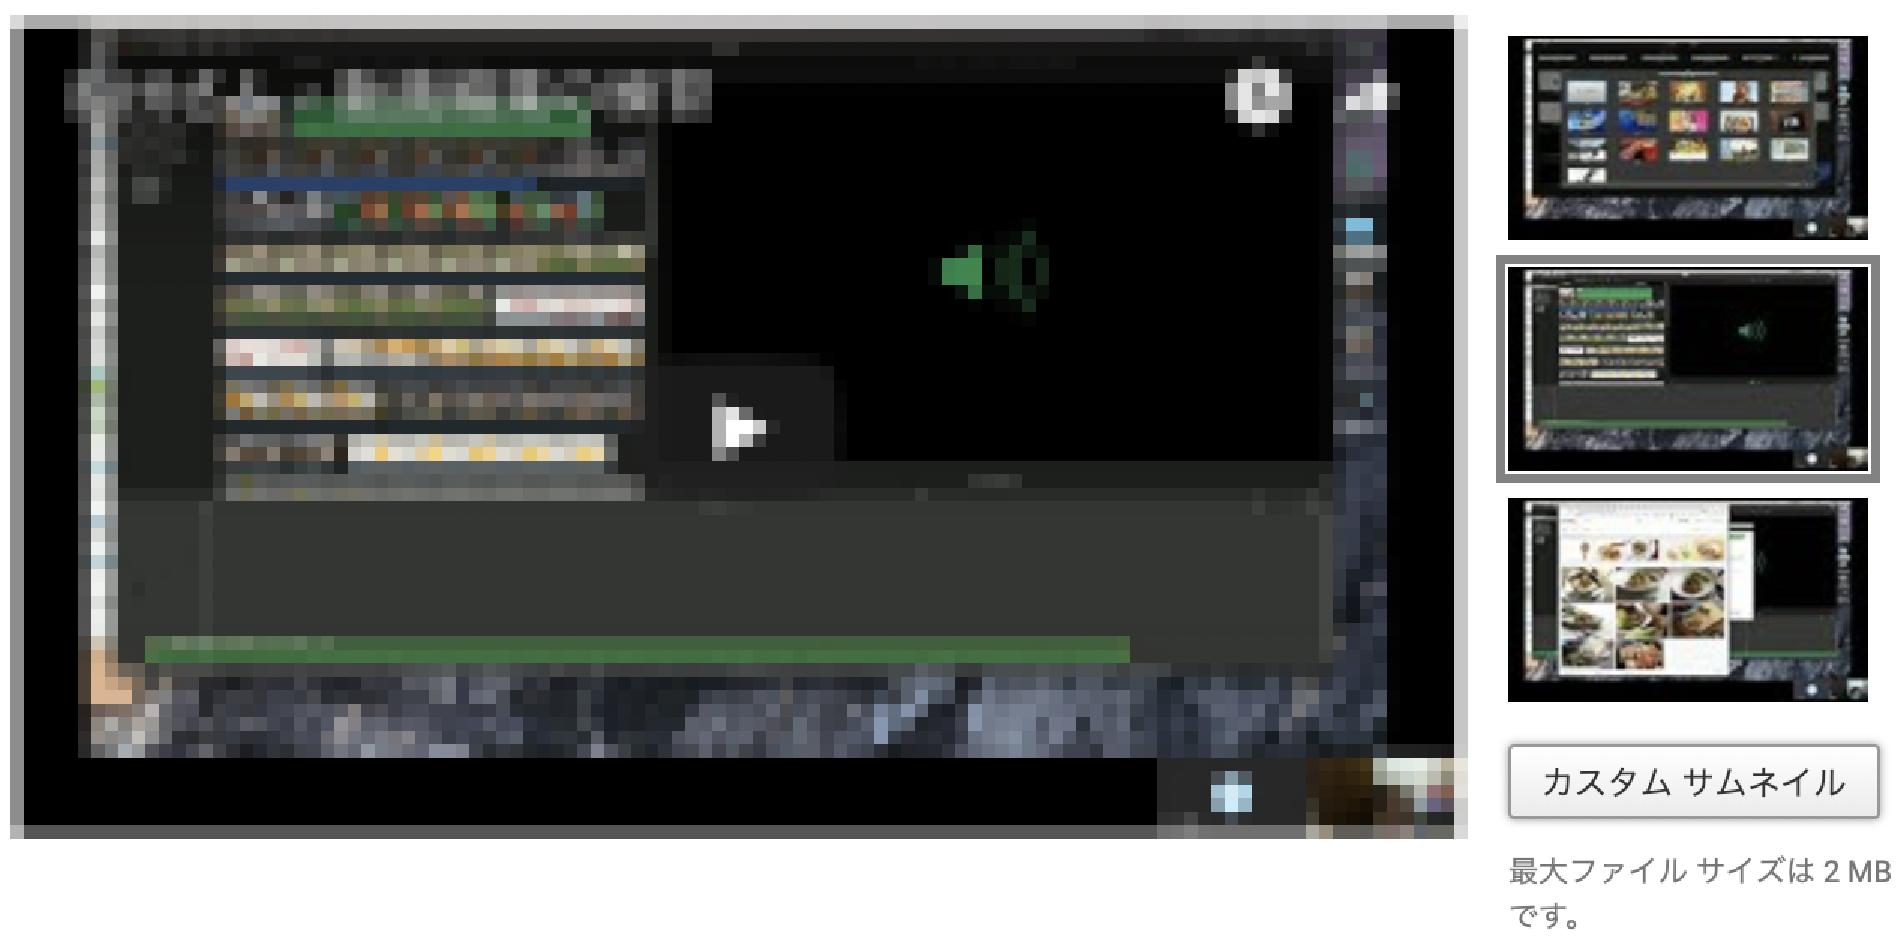 YouTube サムネイル 作り方 サイズ